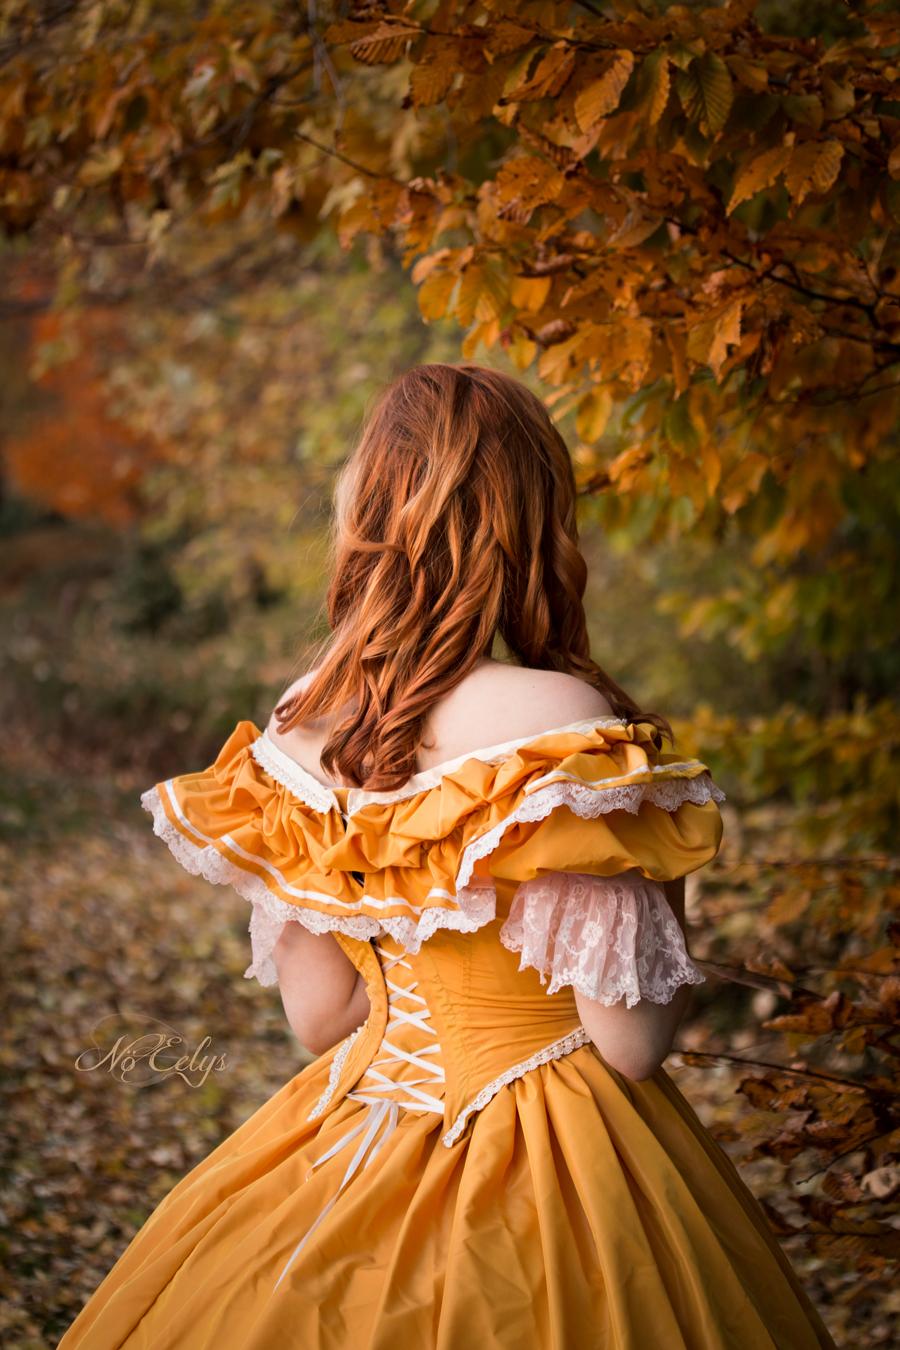 Un Dernier Automne, photo romantique avec robe d'époque signée Angy Art par Nö Eelys photographe alternative Paris, modèle alternative Aryanne Morth